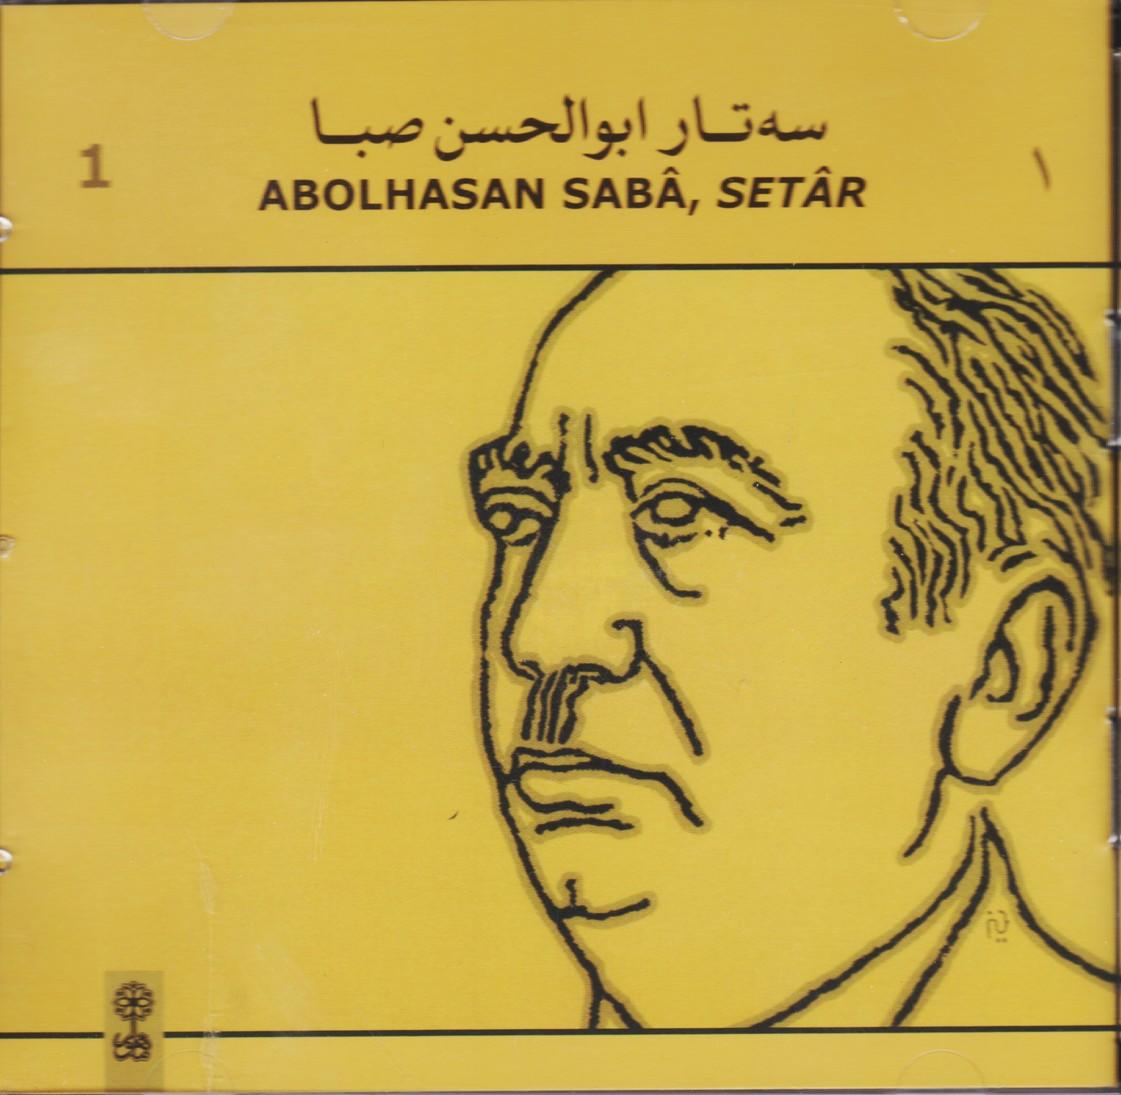 سه تار استاد ابوالحسن صبا